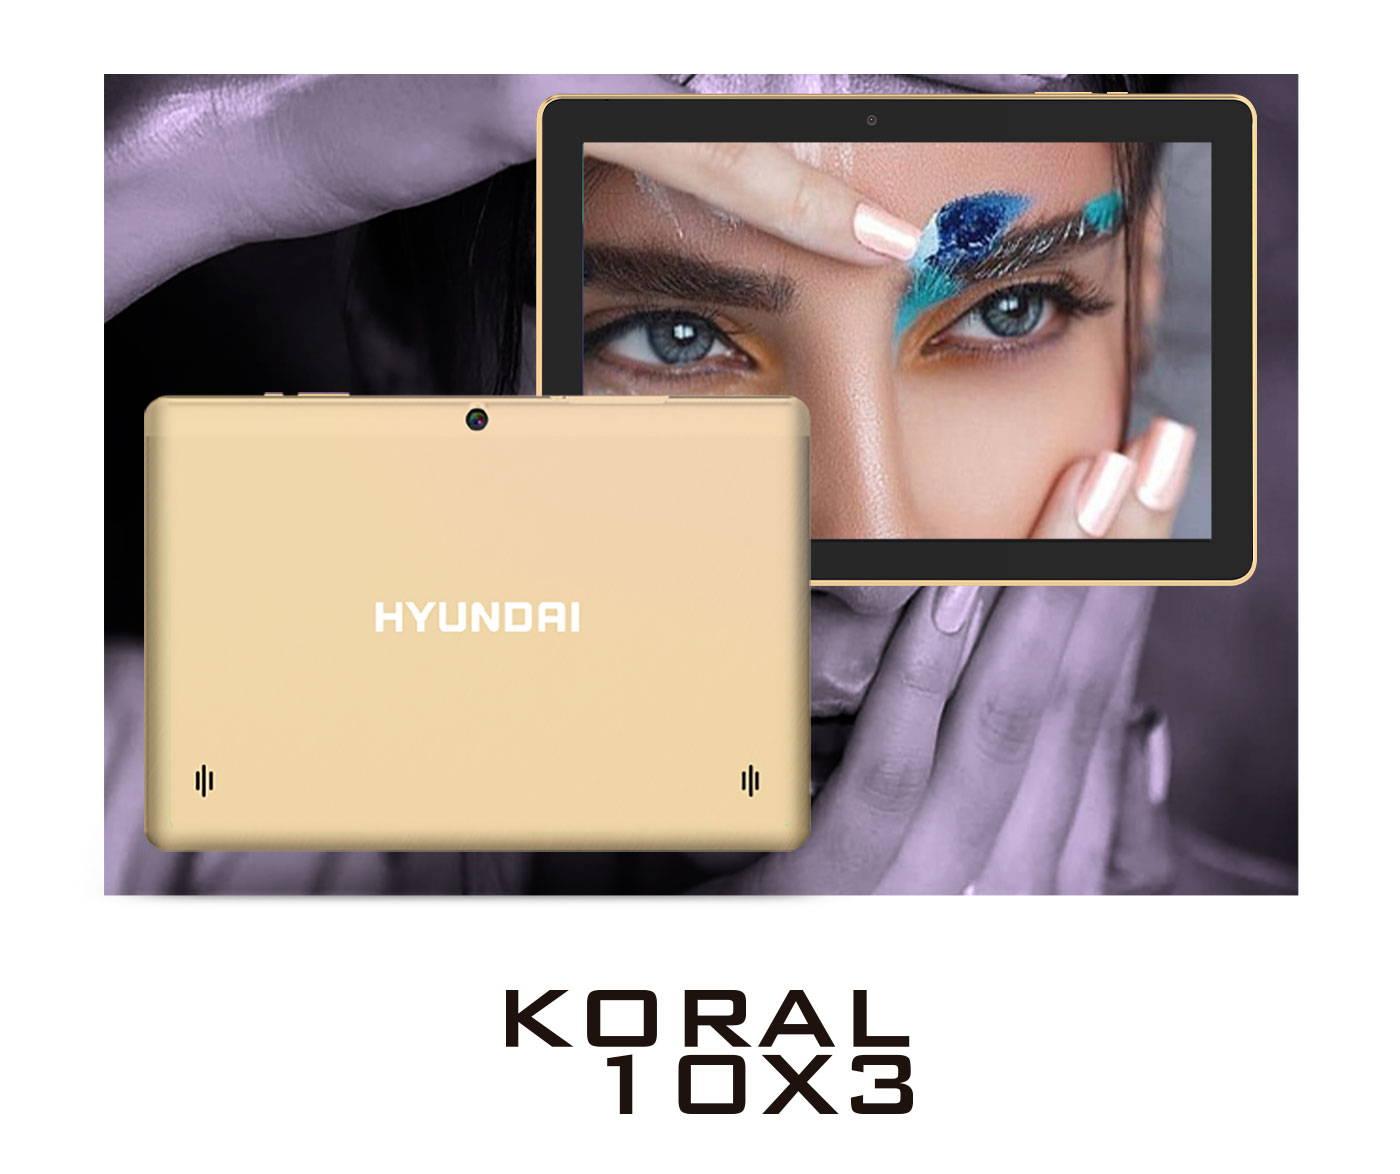 Hyundai Koral 10X3 tablet